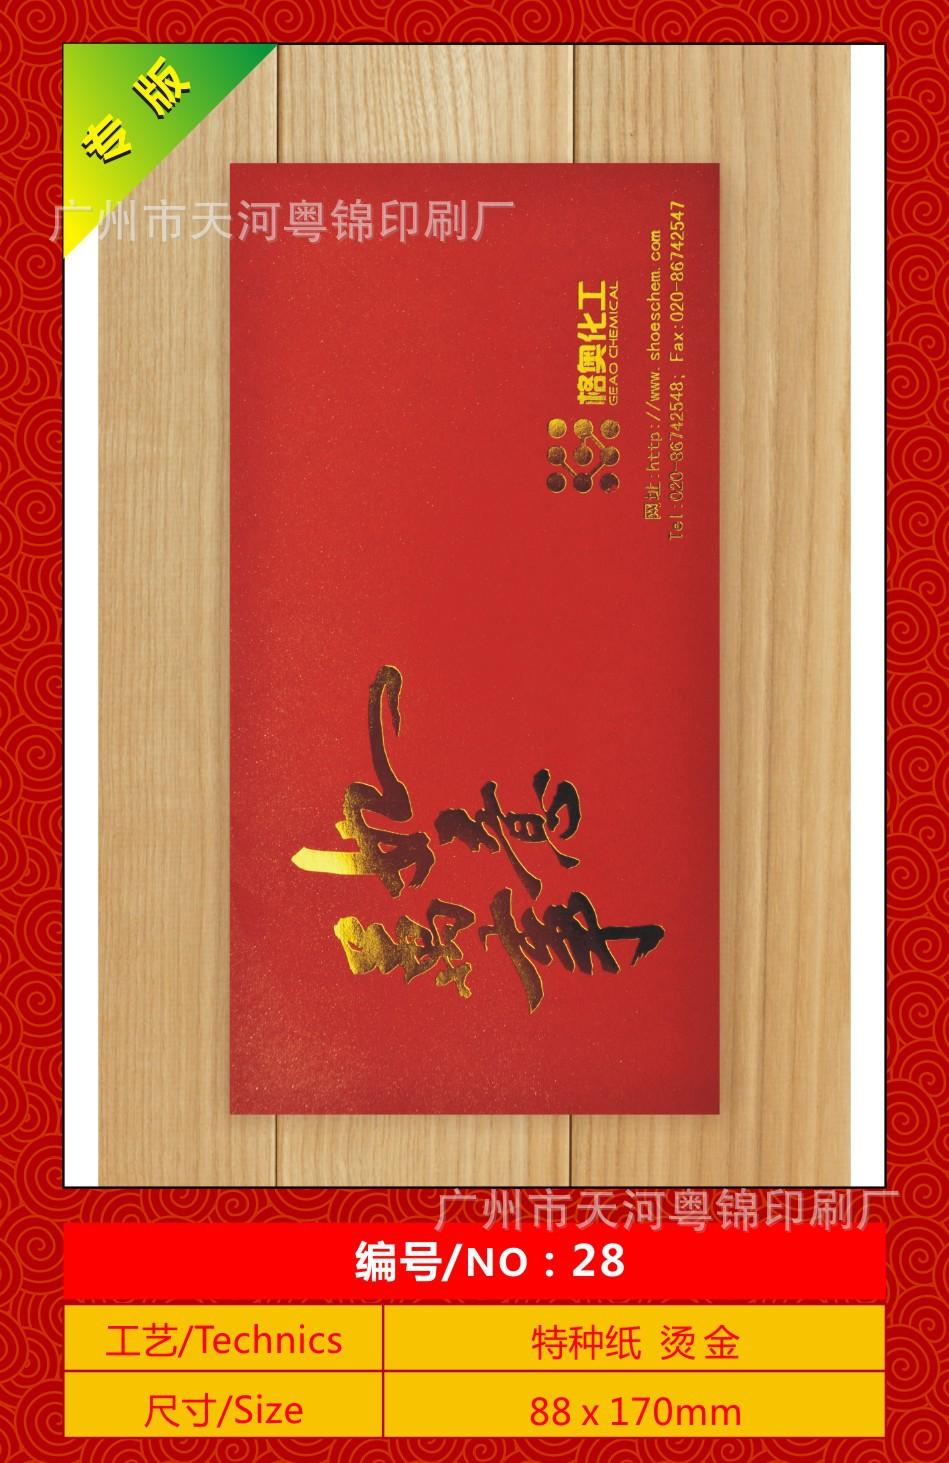 【大号】专版红包利是封样板图片NO:28